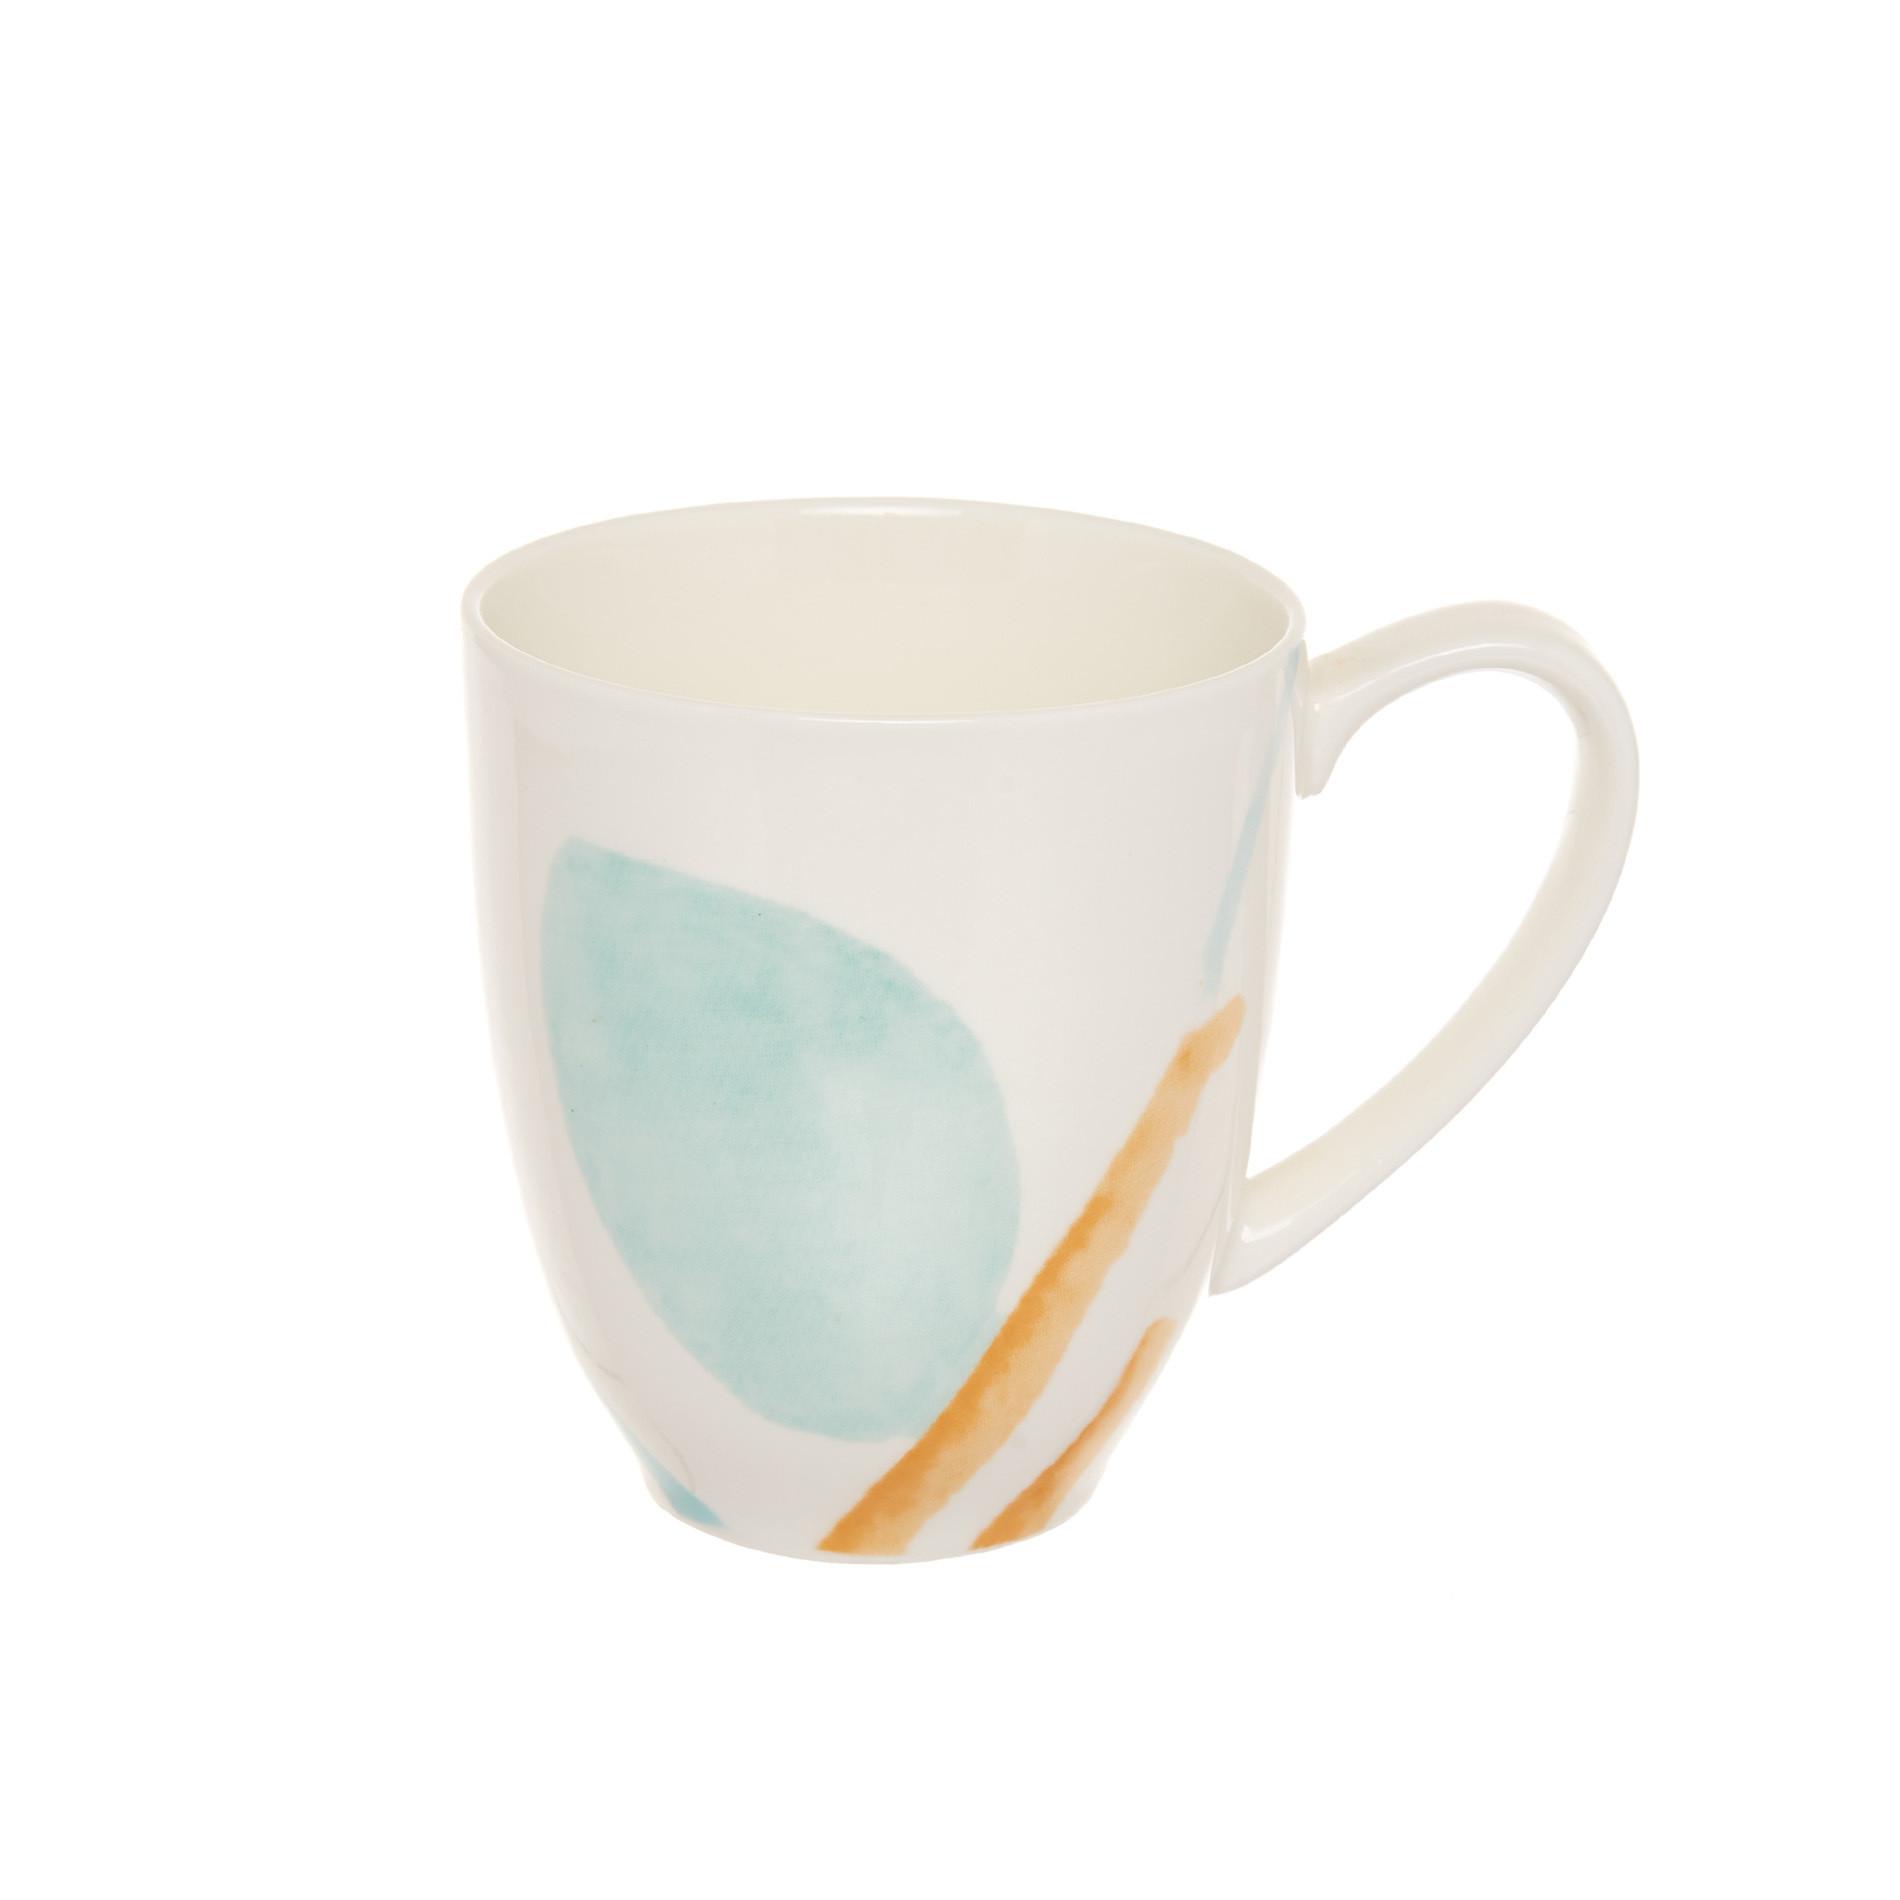 Mug new bone china Peggy, Bianco, large image number 0